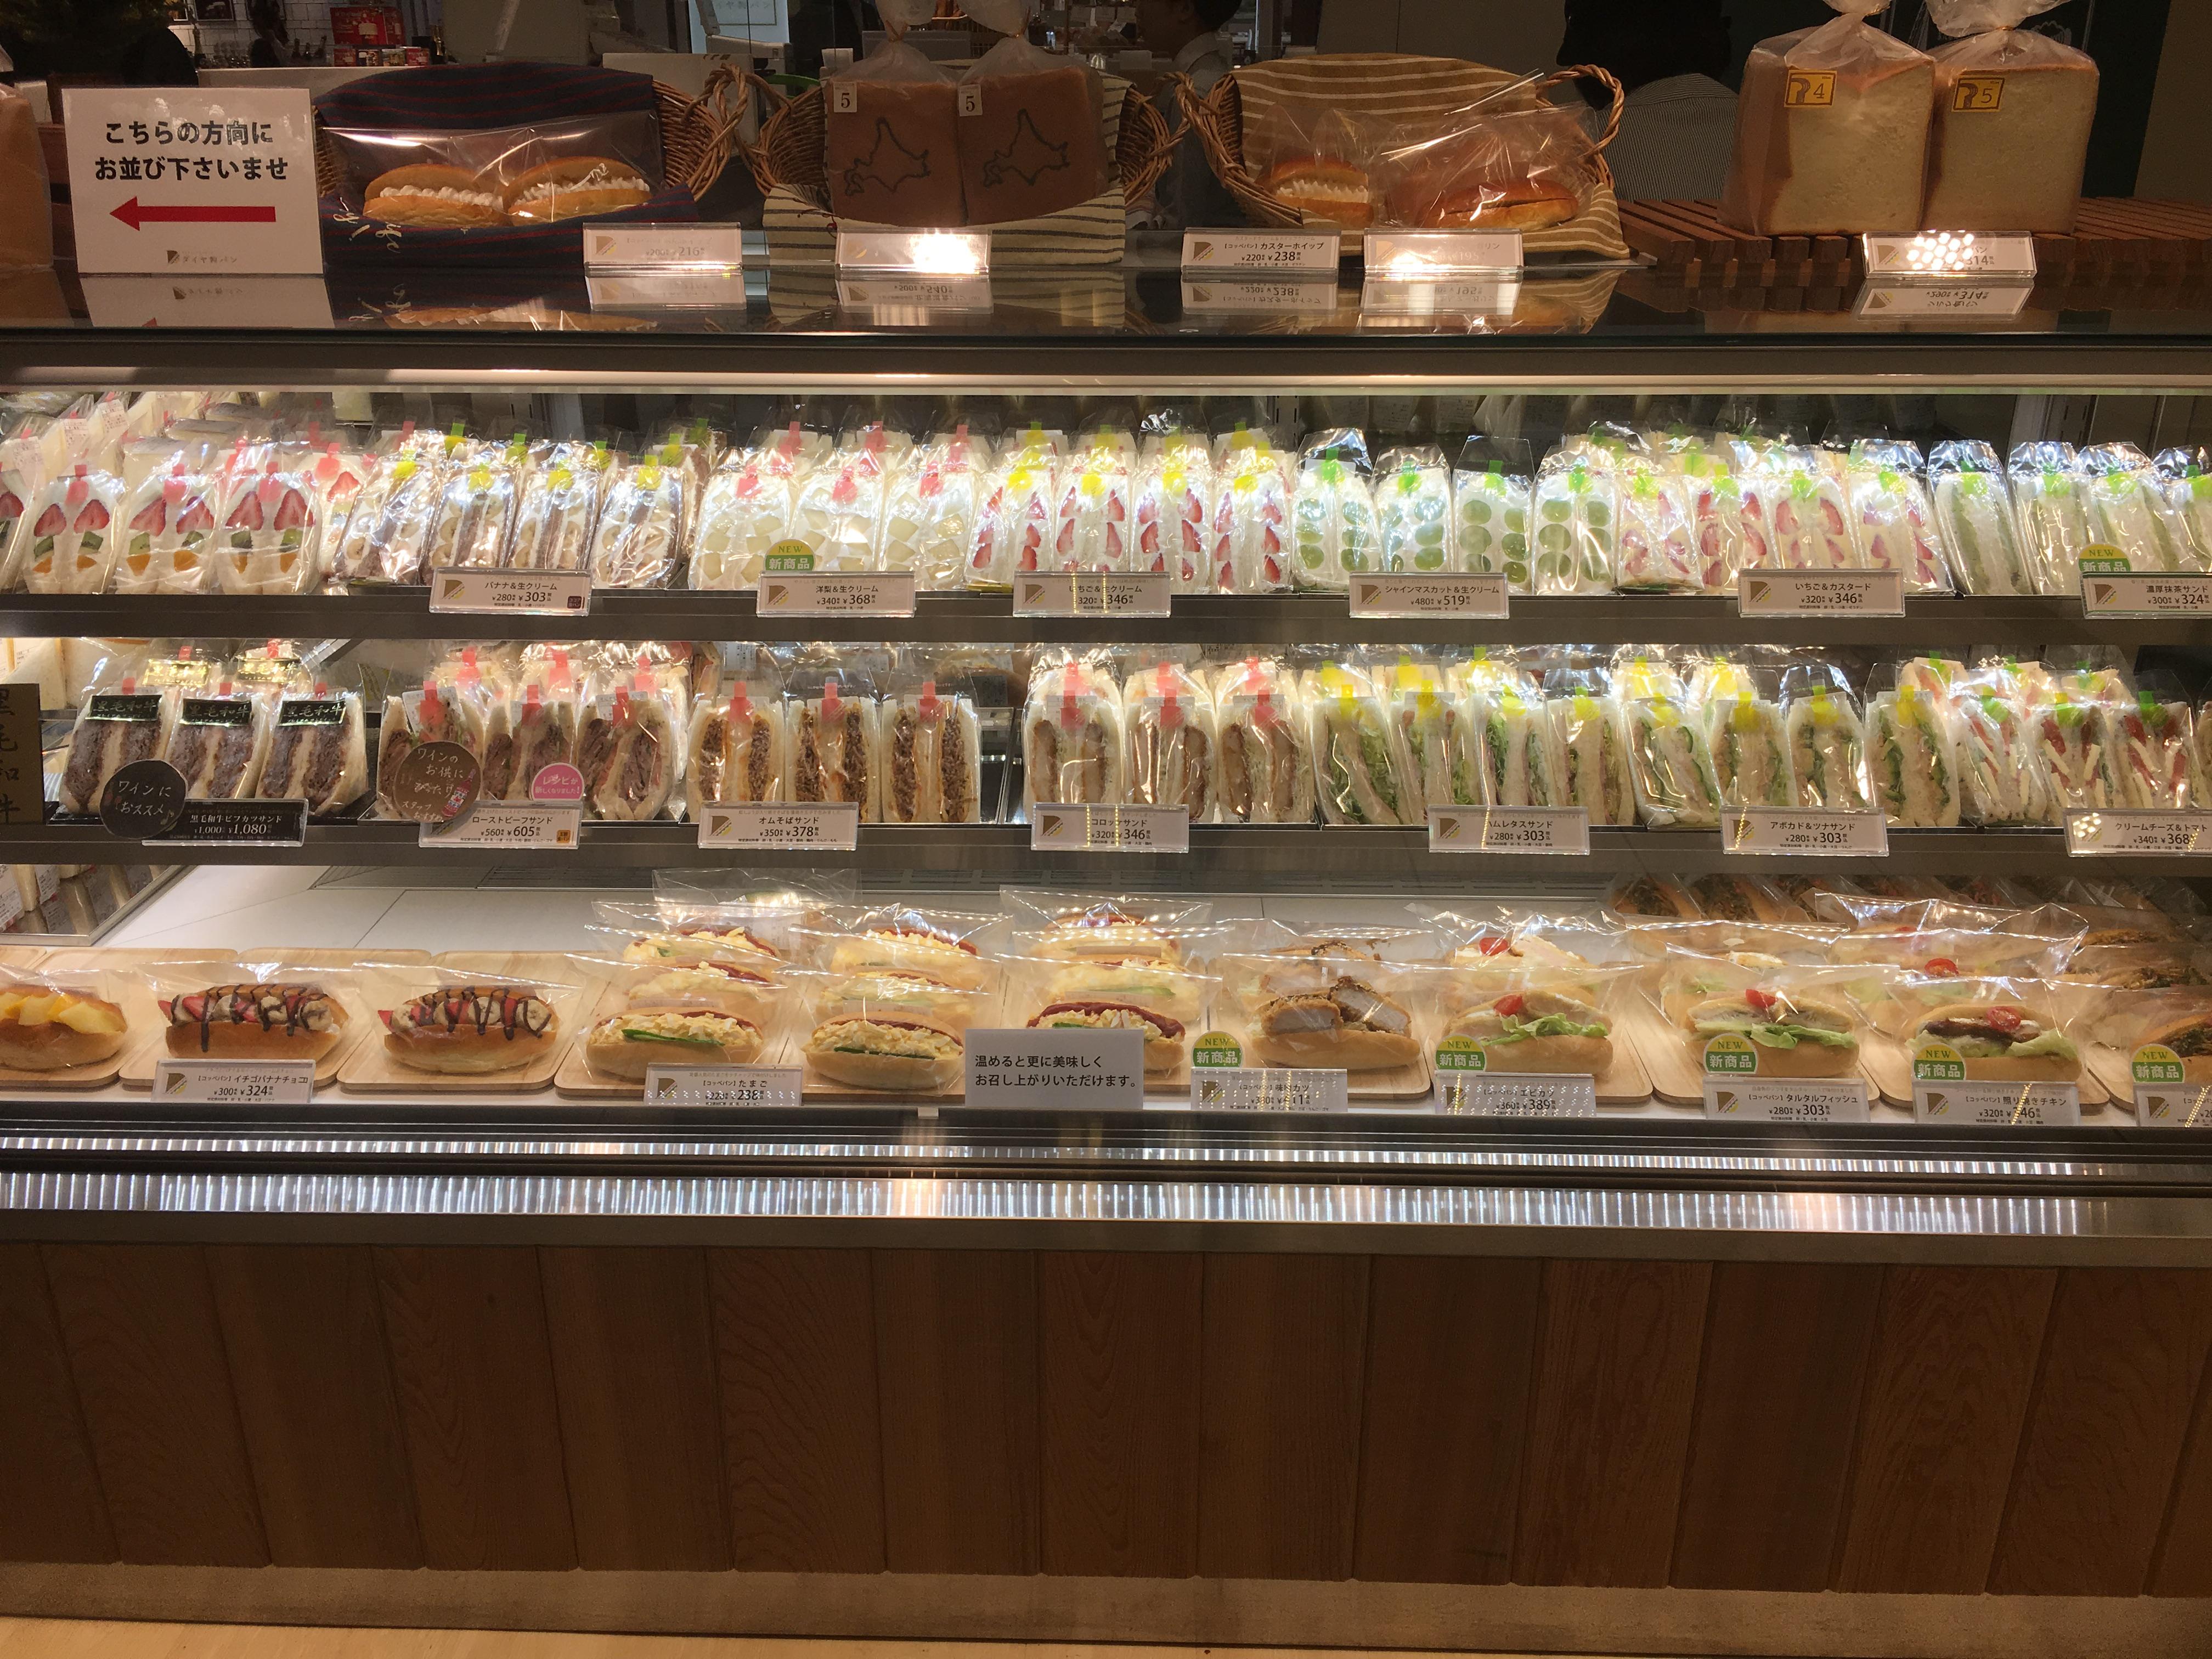 ダイヤ製パンのフルーツサンドが凄い!人気の種類と実食レビュー